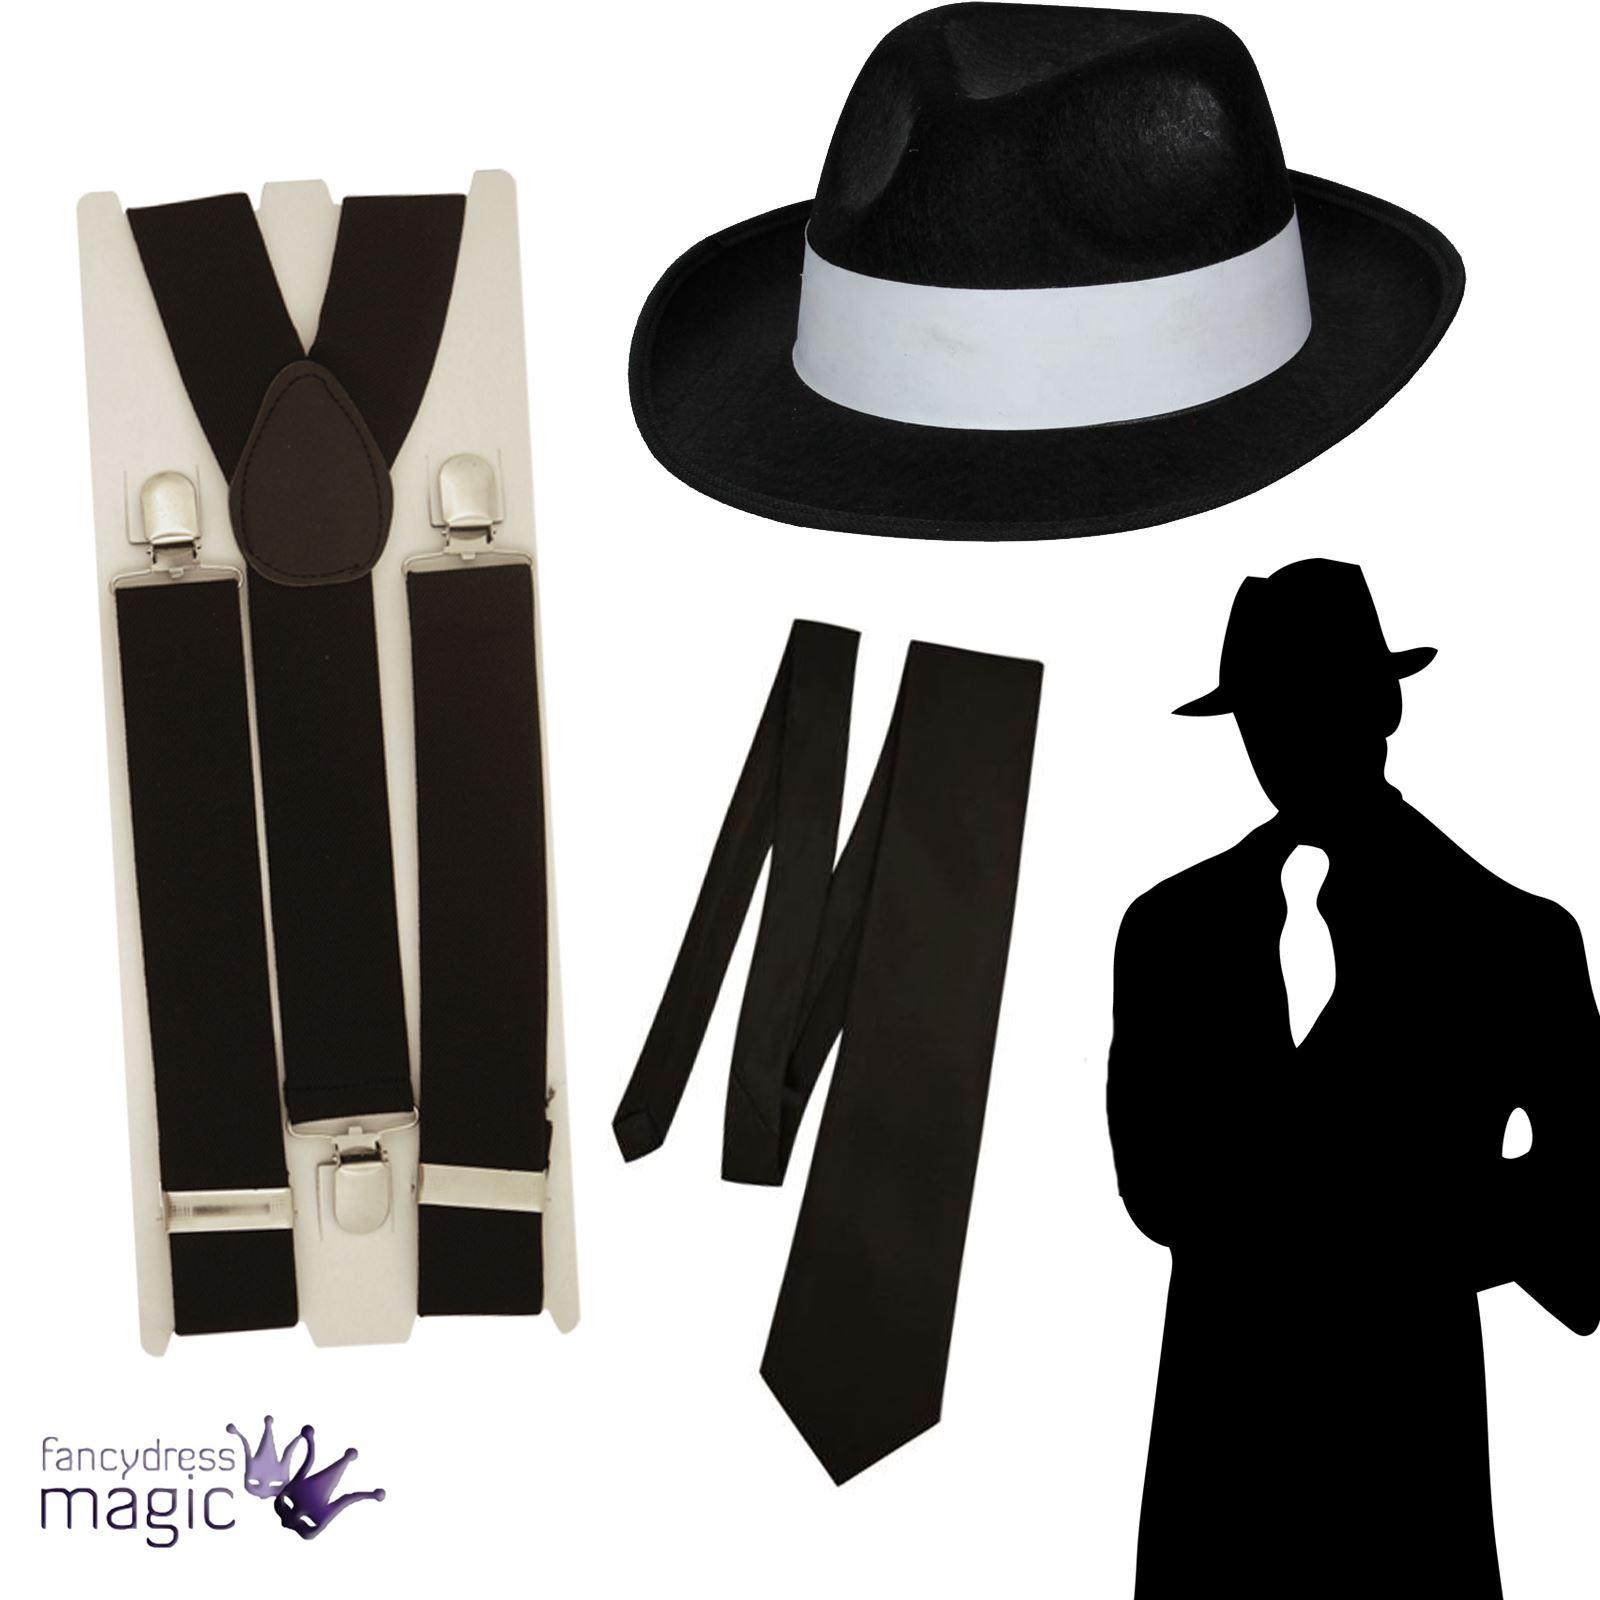 modèles à la mode style à la mode en stock Gangster Chapeau Bretelles Cravate Bugsy Spiv 20 S Capone ...